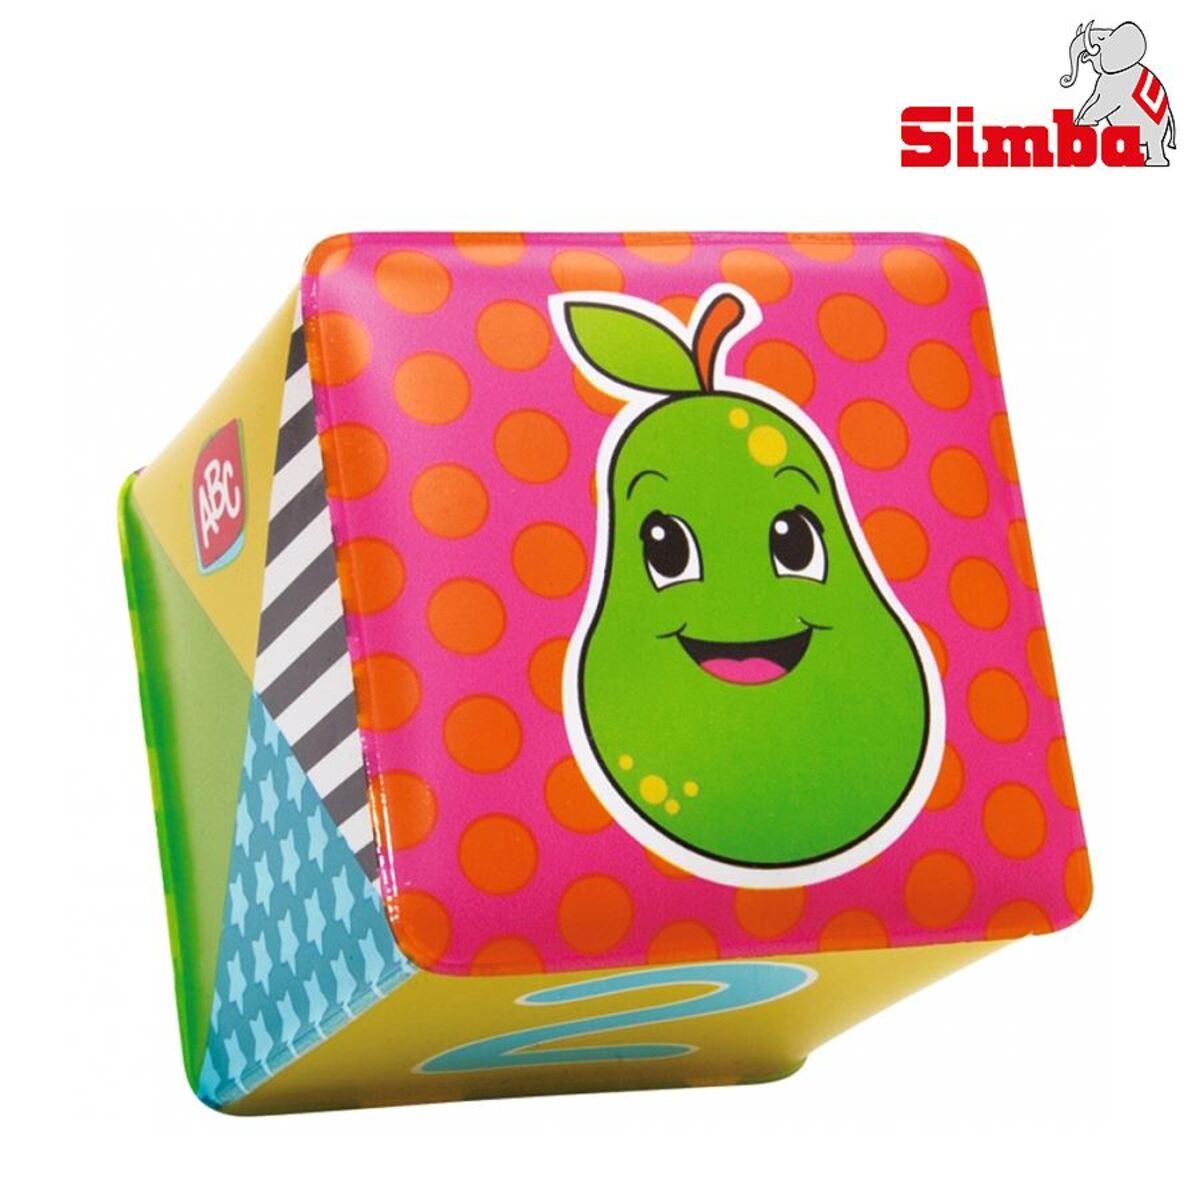 Bild 2 von Simba ABC weiche Spielwürfel 6er-Set